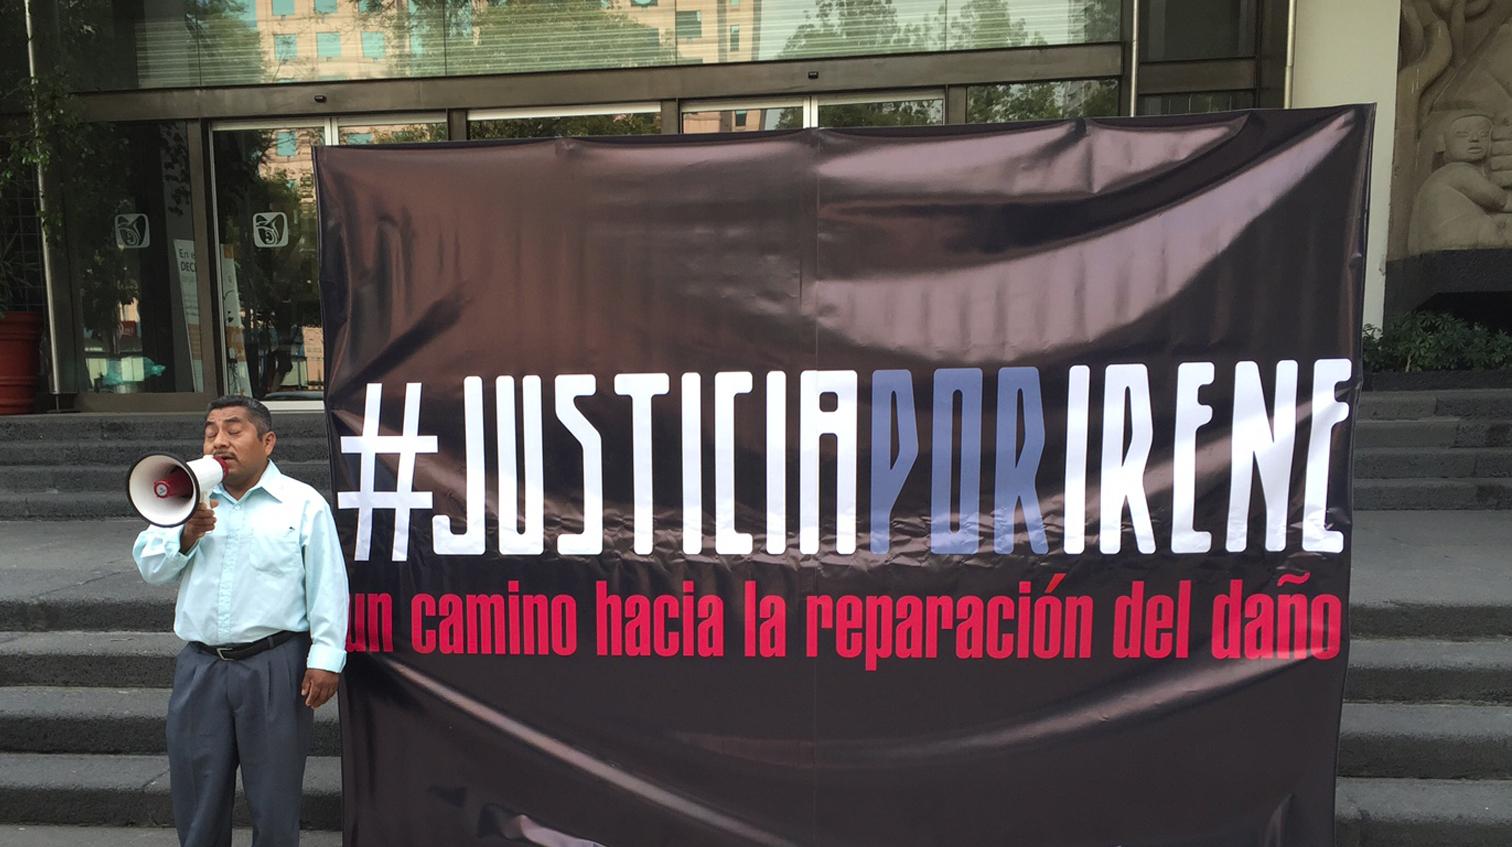 Amnistía Internacional y Fundar entregan al Director del IMSS firmas de apoyo al caso Irene Cruz Zúñiga